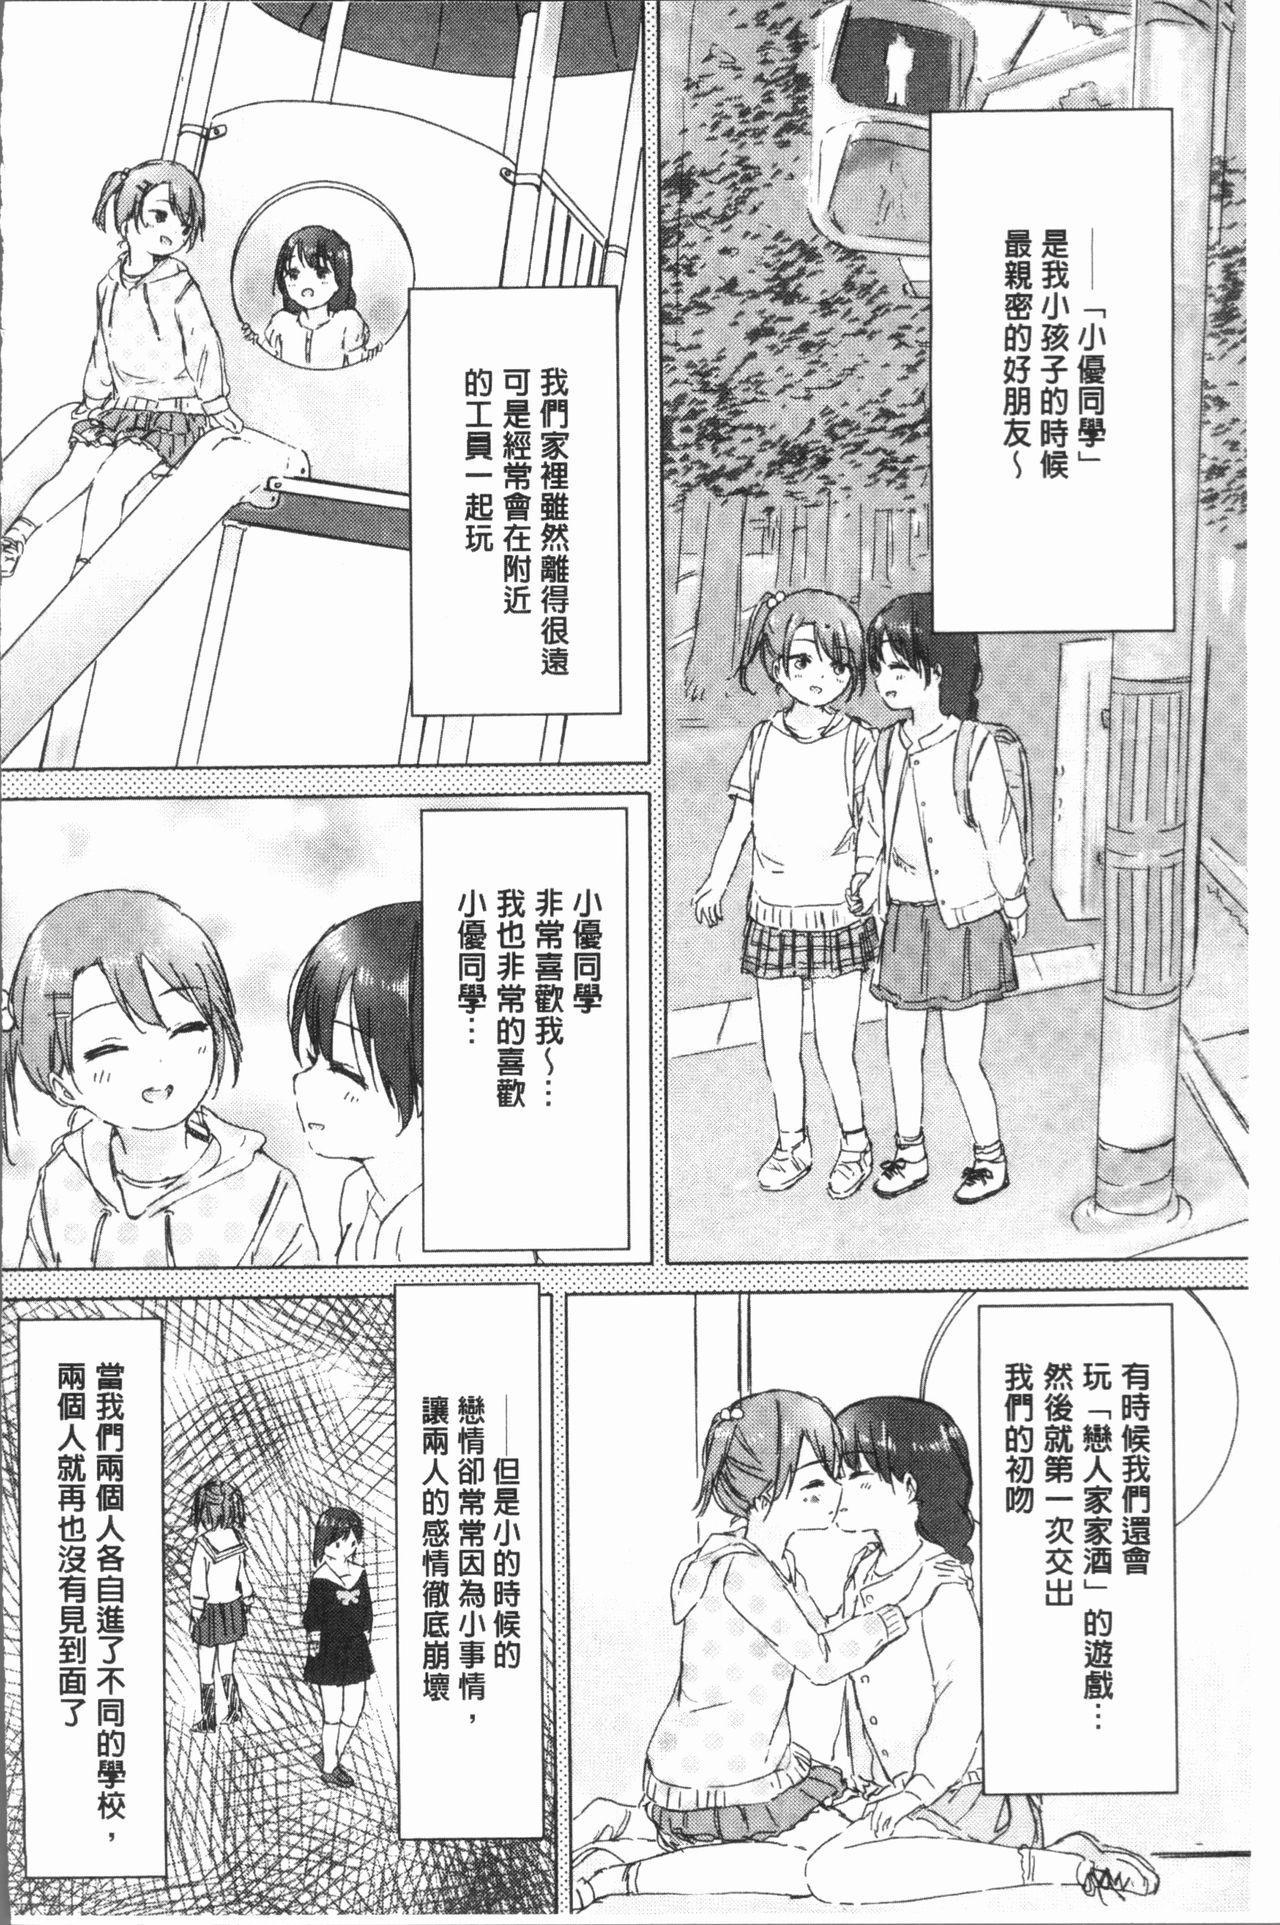 Yuri no Tsubomi ga Saku Koro ni 73